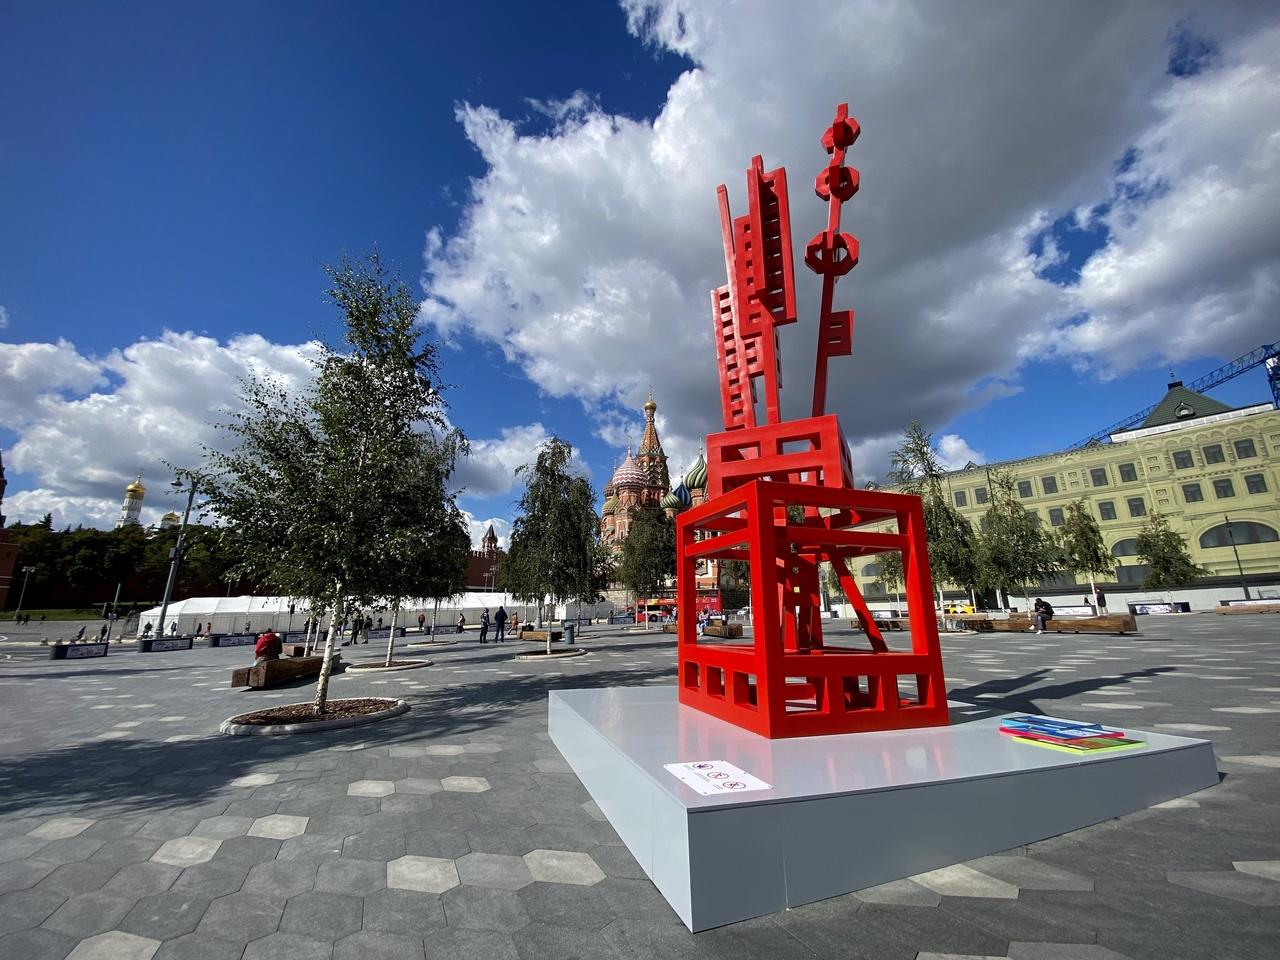 Скульптуру «Ваза с цветами» установили в Тверском районе. Фото с официальной странице парка «Зарядье» в социальных сетях